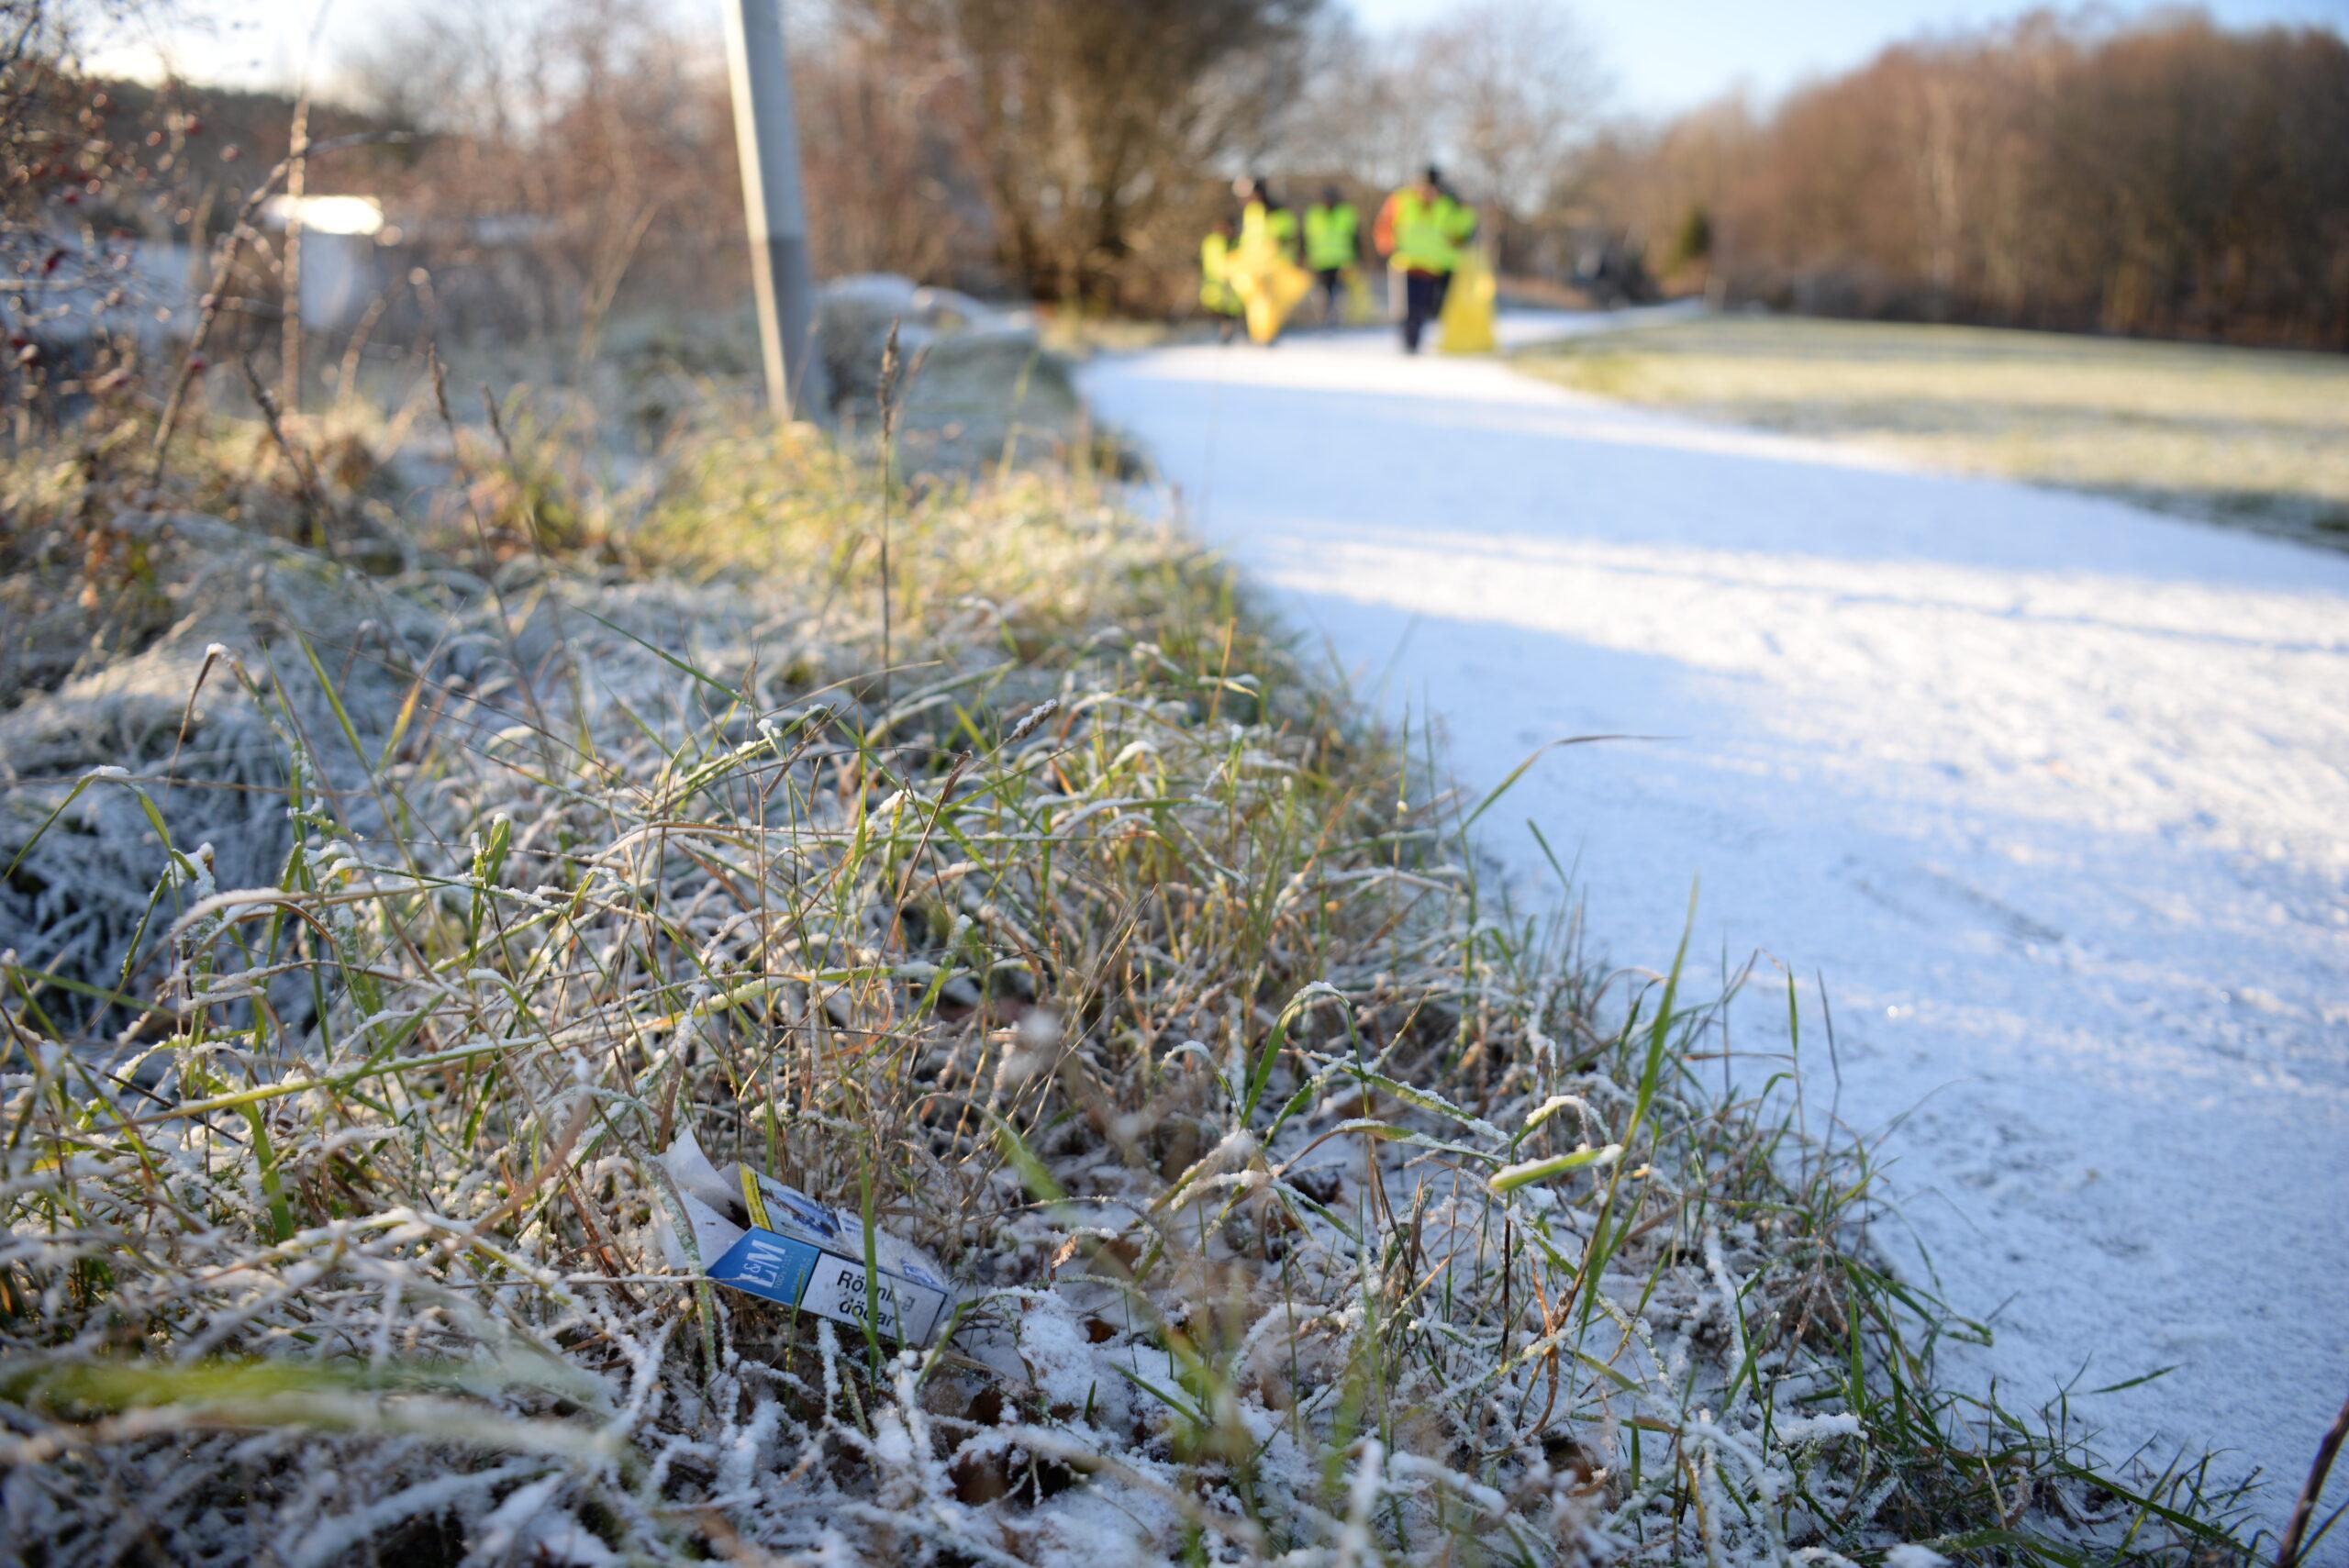 Katrineholms kommun julstädas den andra advent!